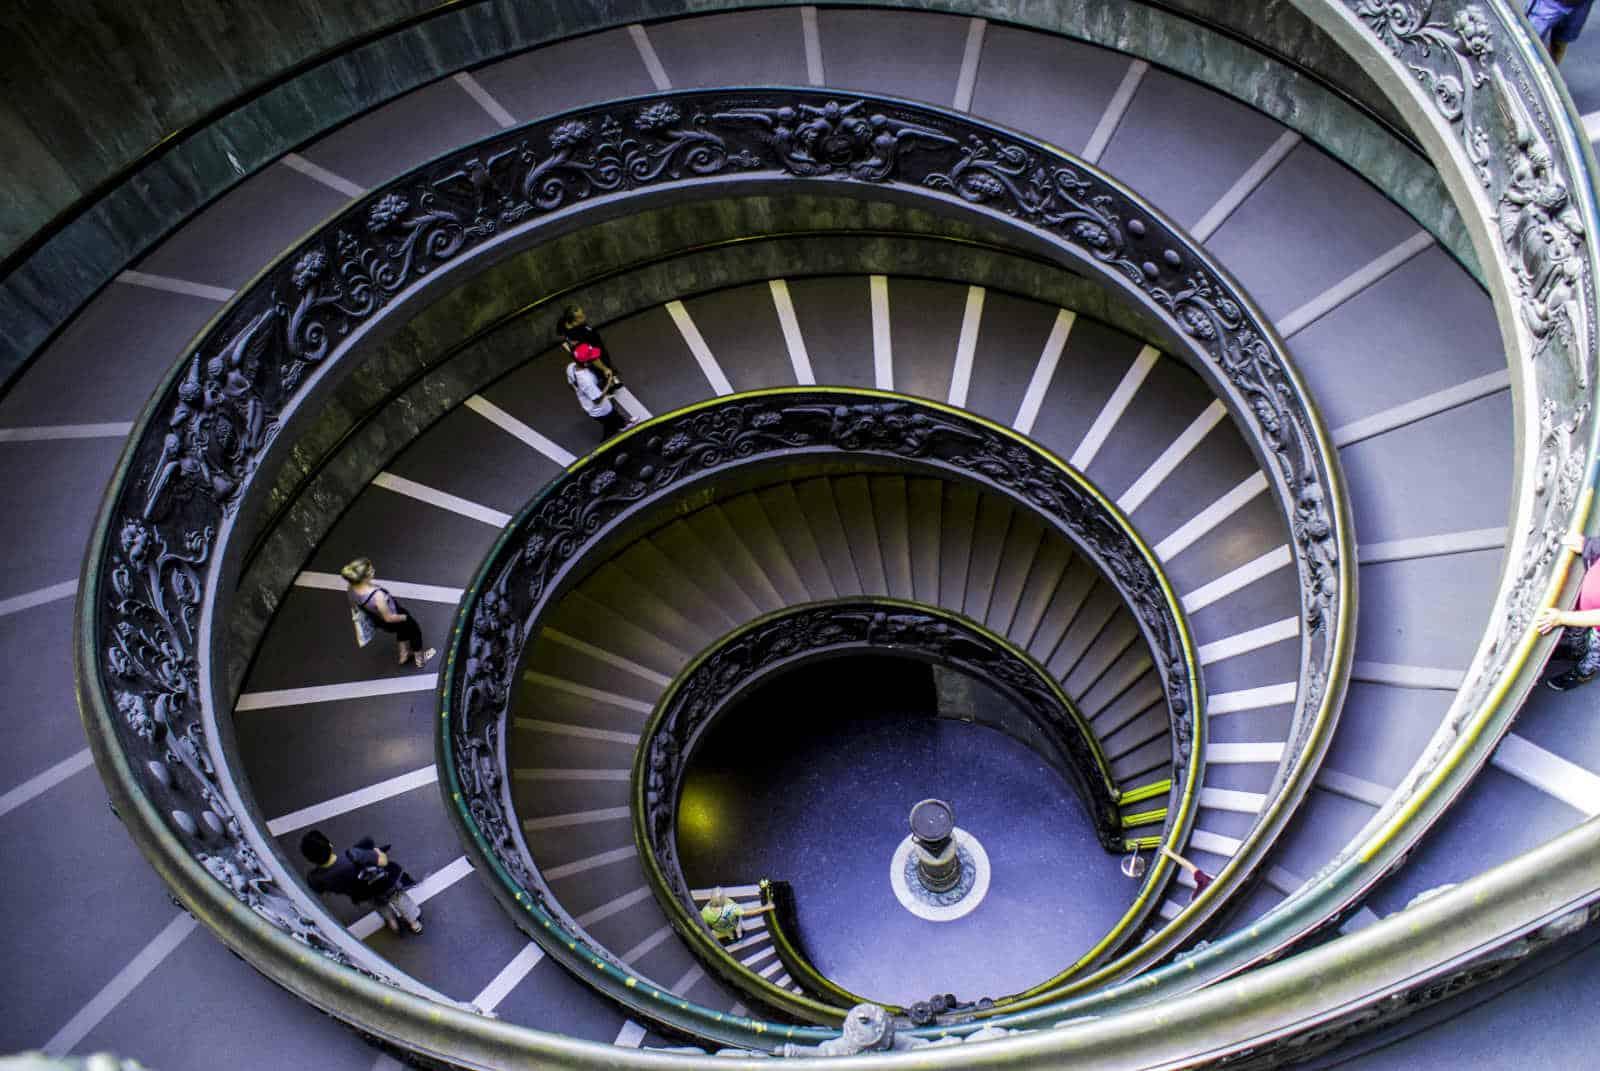 visita al vaticano escalera Momo